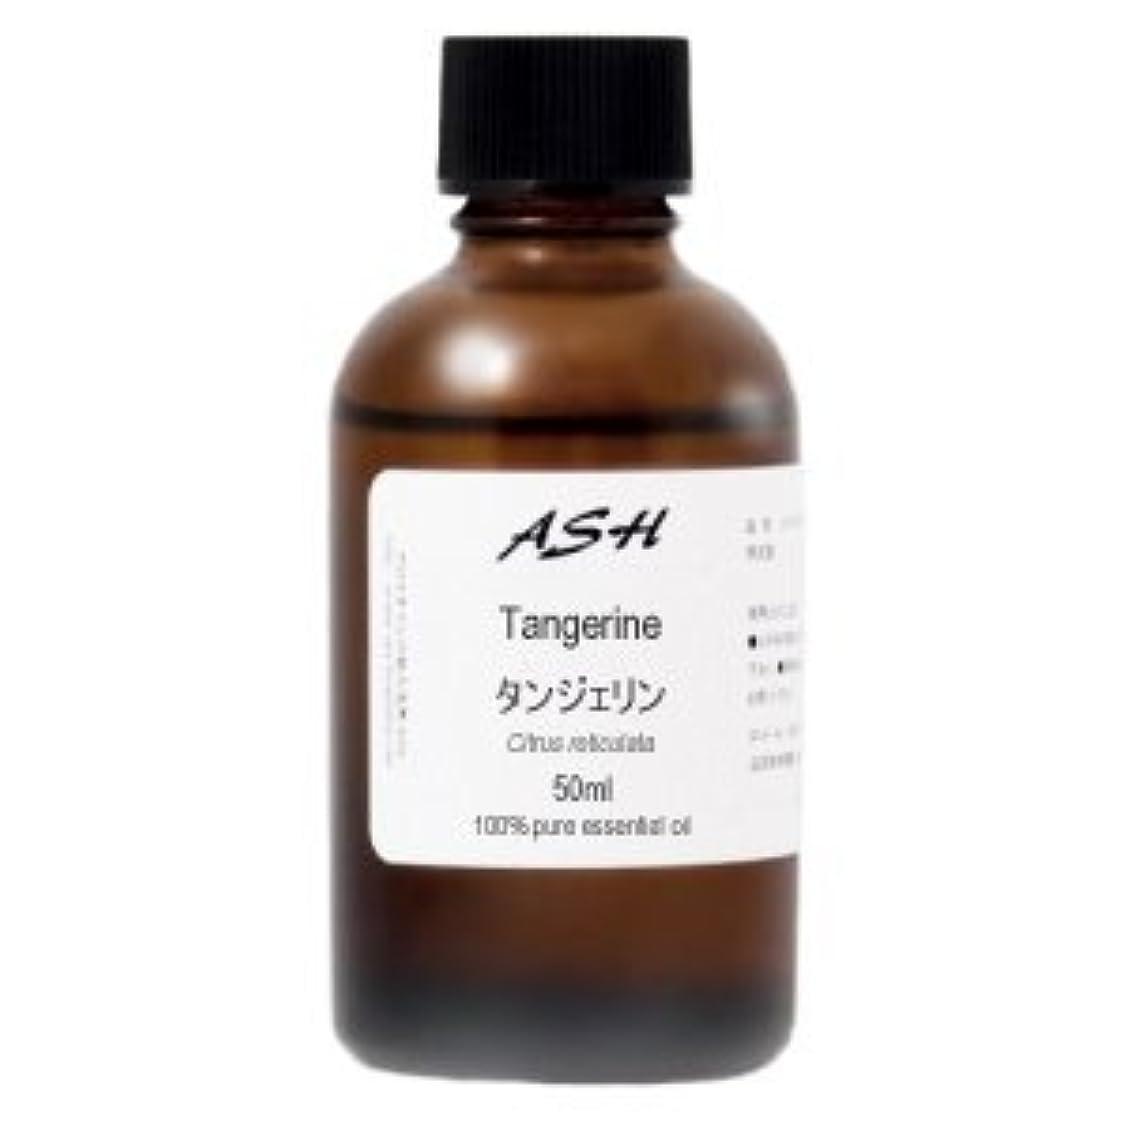 分注する歯痛メカニックASH タンジェリン エッセンシャルオイル 50ml AEAJ表示基準適合認定精油